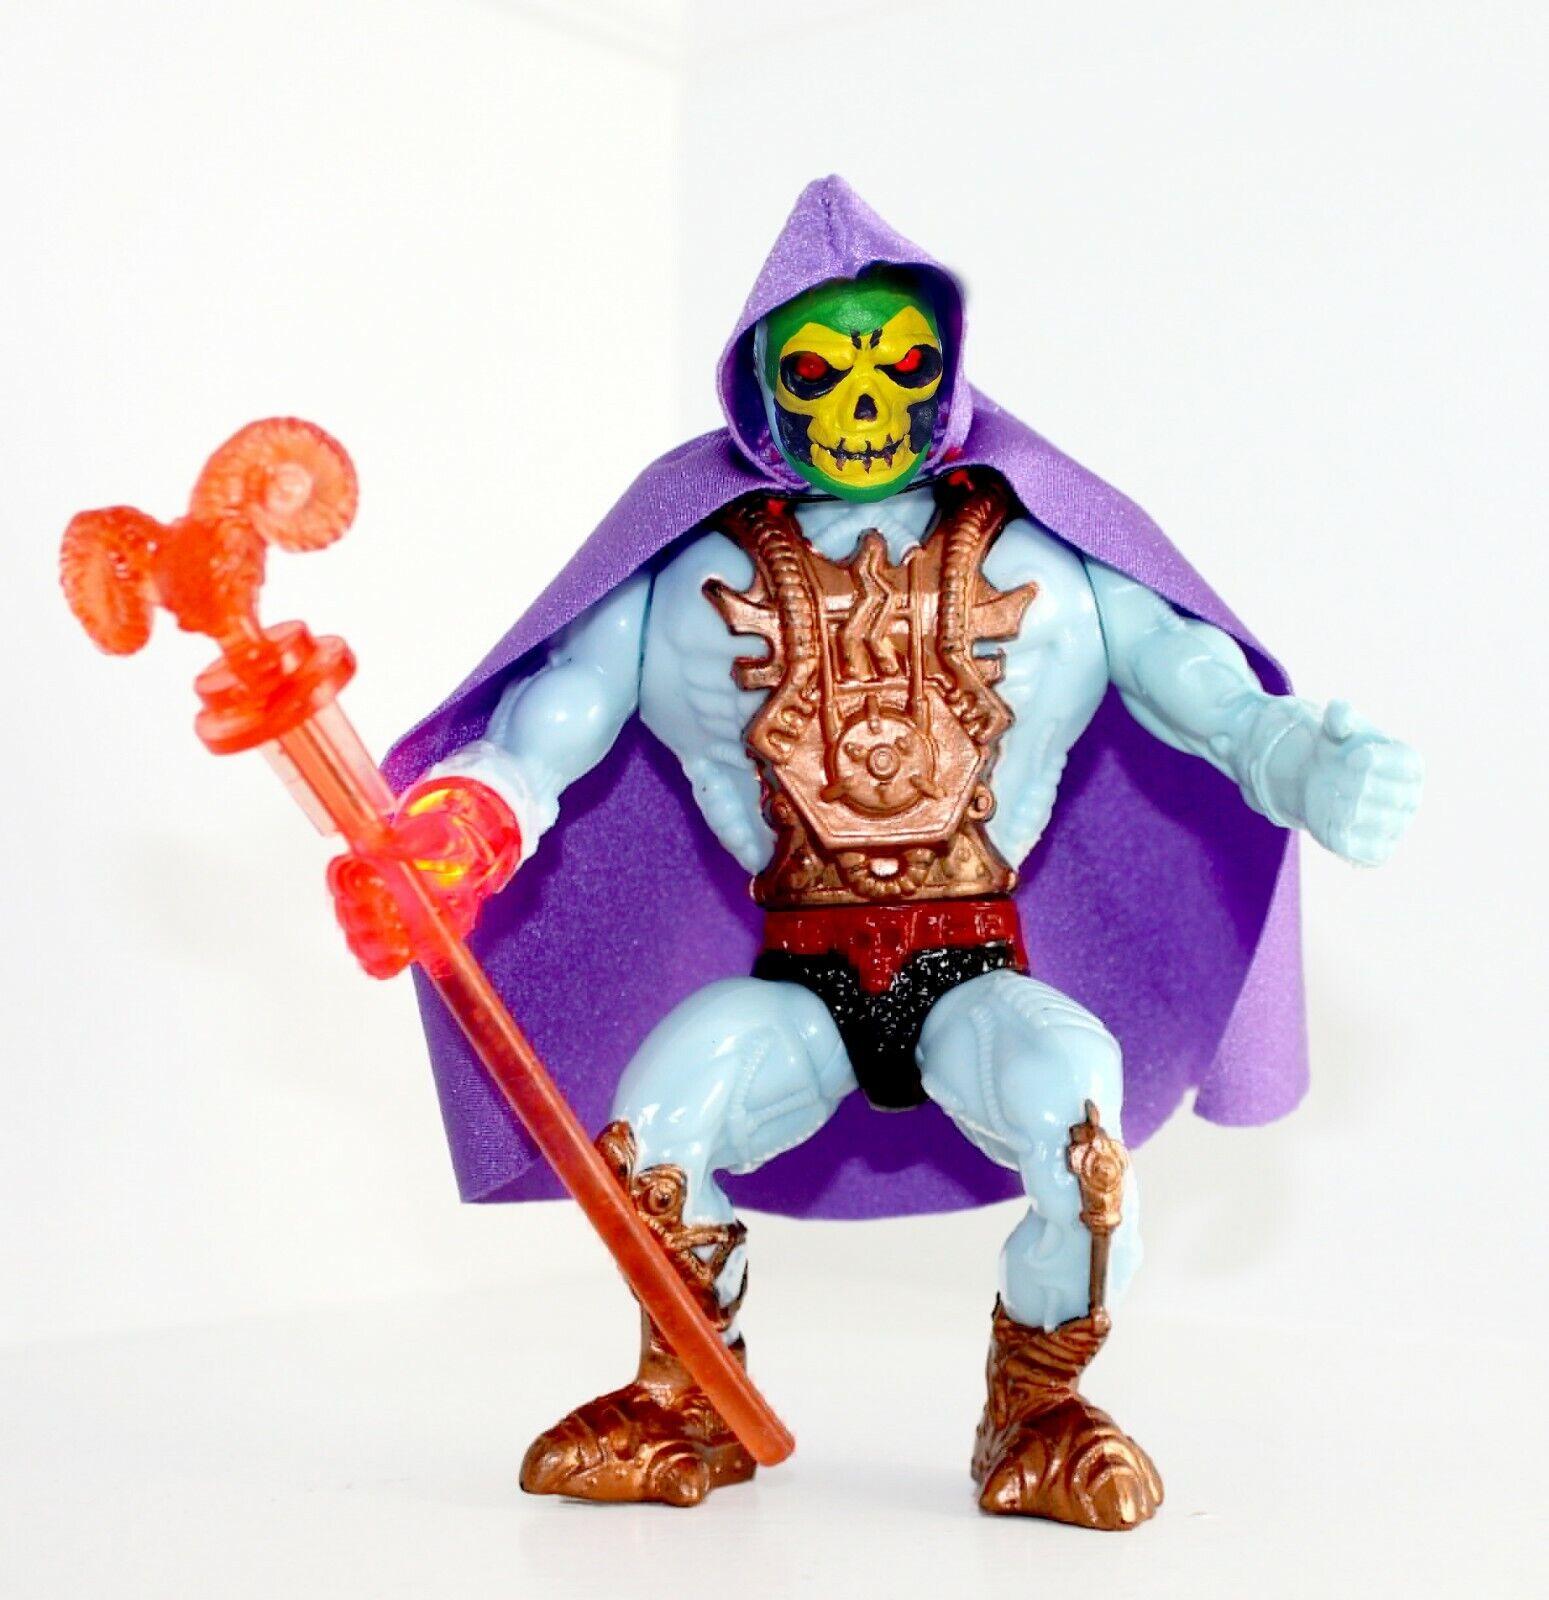 Pre-order Vintage Amos Del Universo Skeletor personalizado de luz láser Nuevo  Clásico  cabeza figura